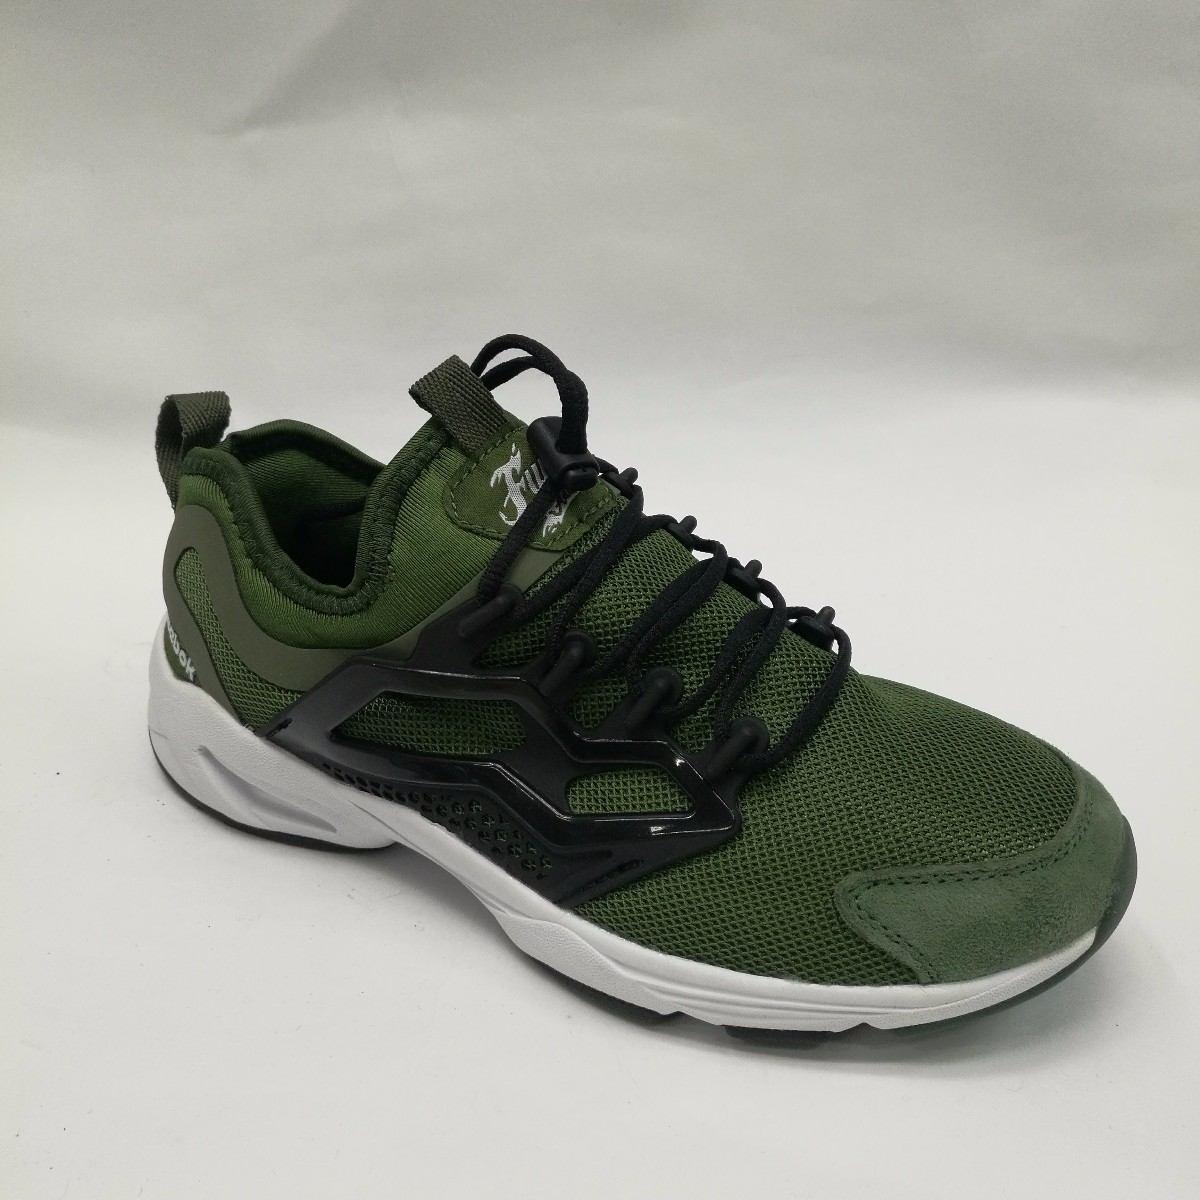 Reebok Zapatillas Para Hombre Verde Verde, Color Verde, Talla 41